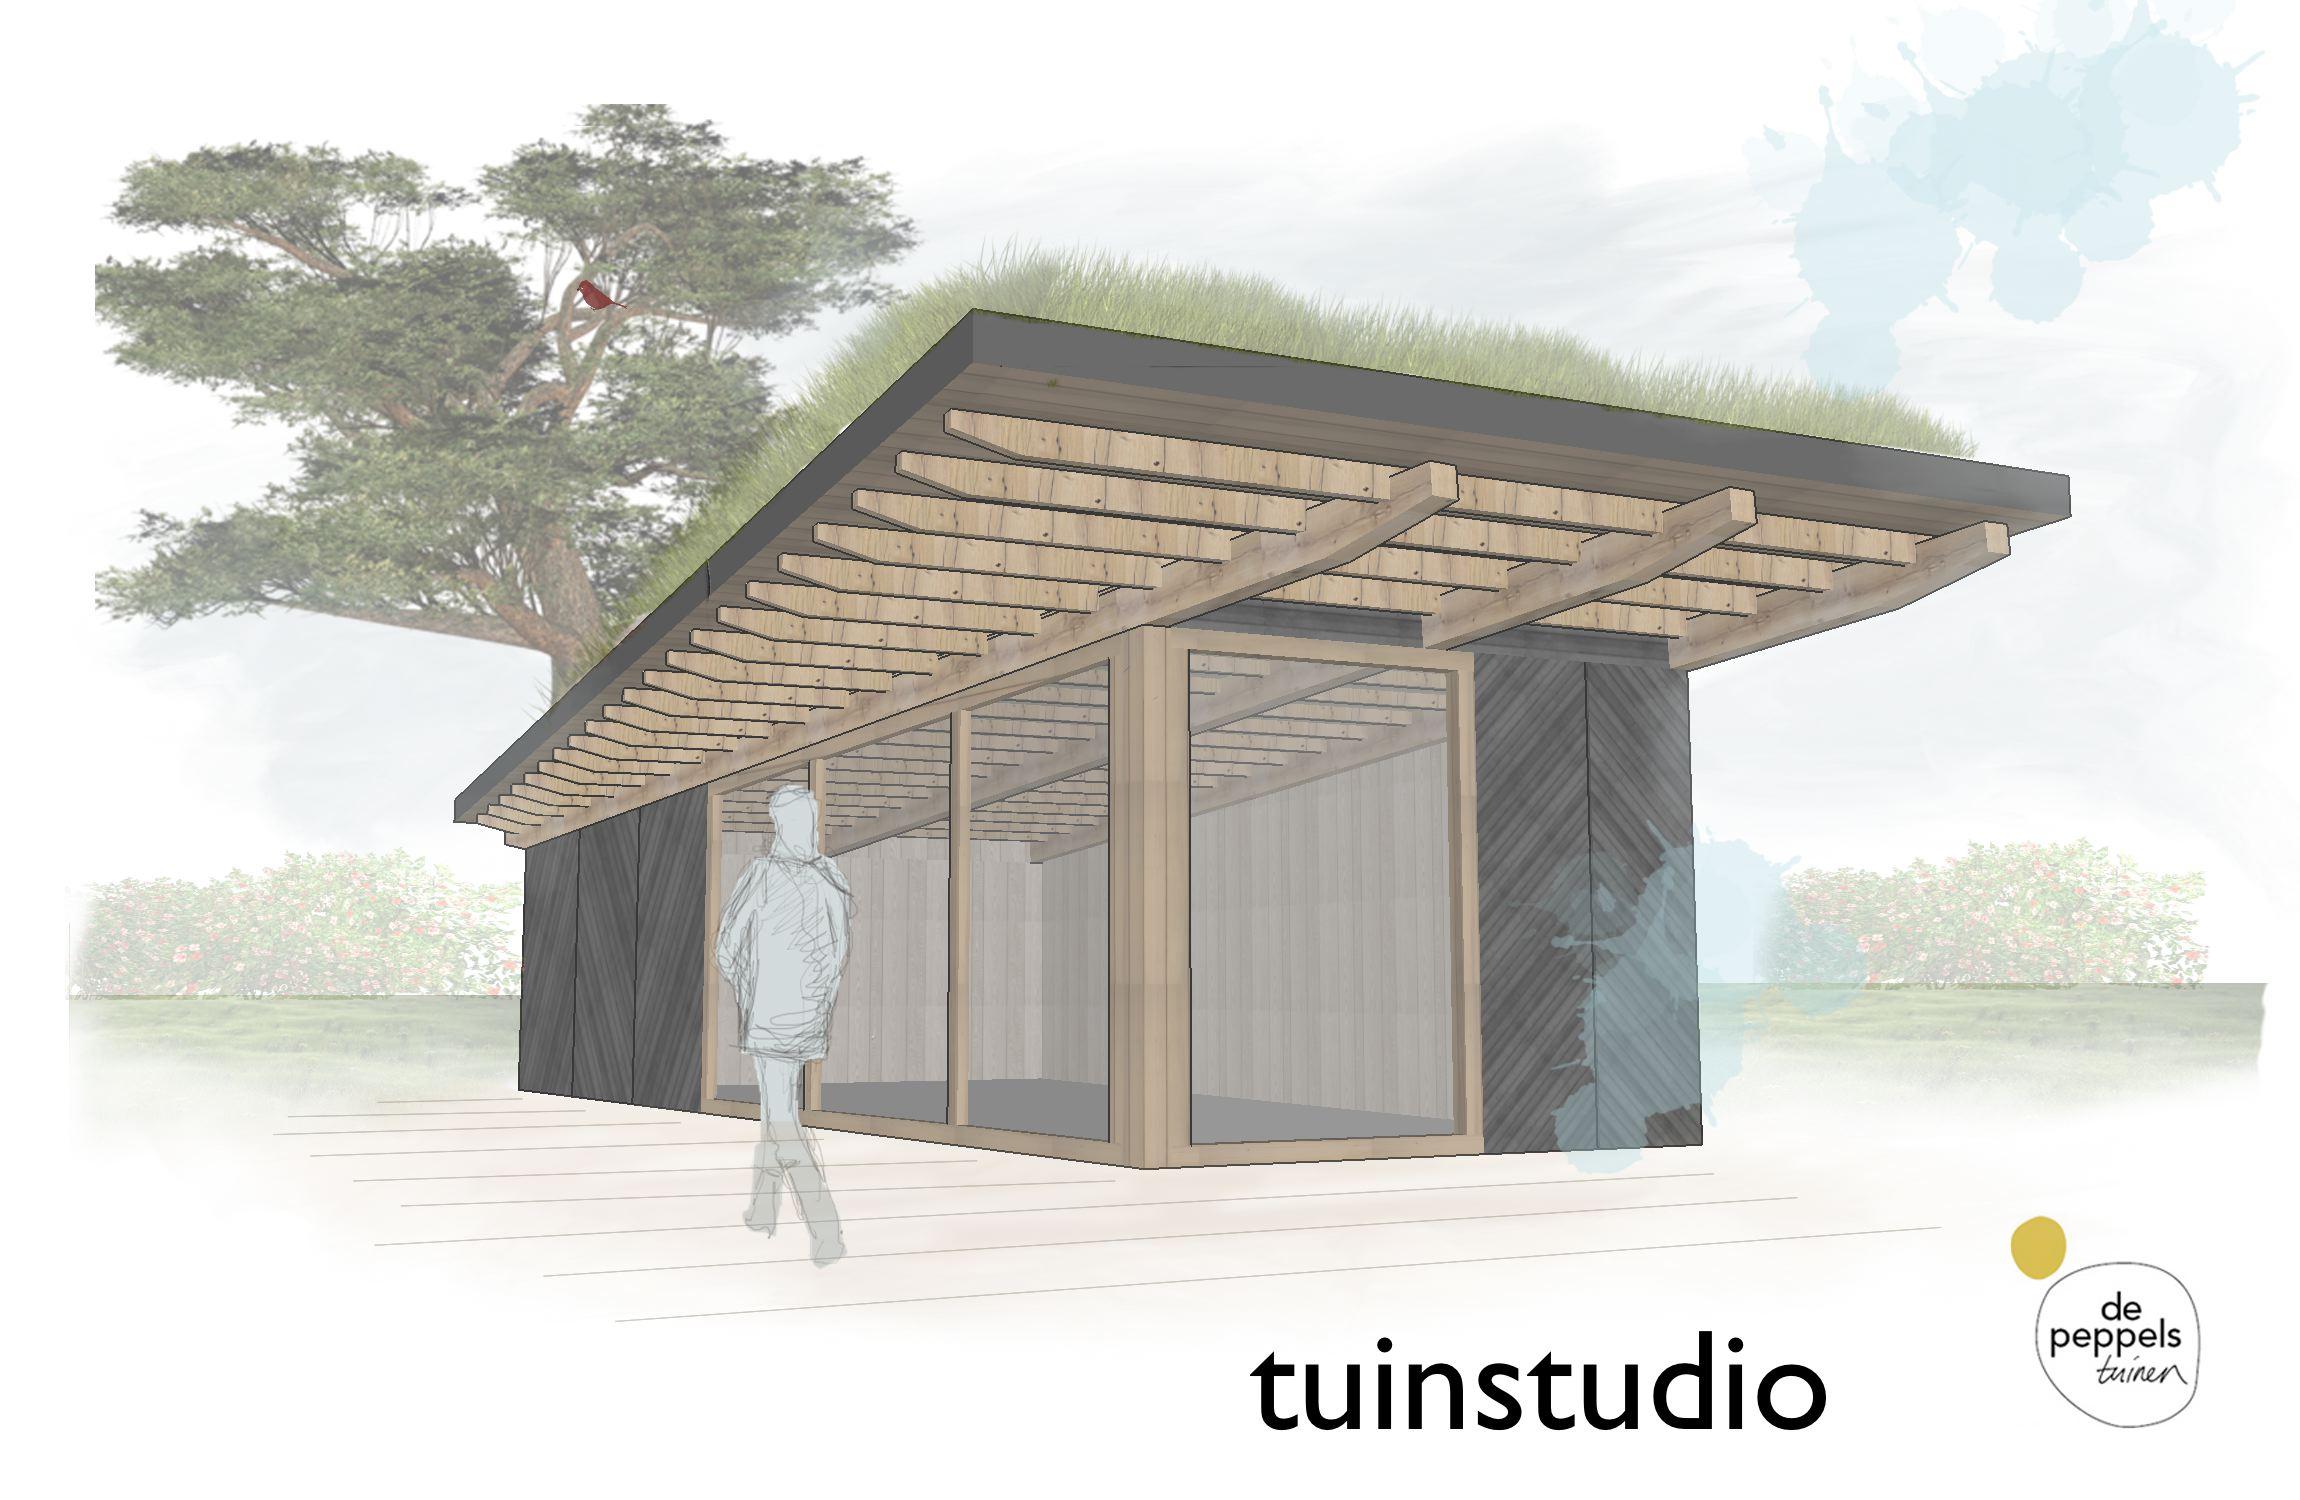 architect tuinhuis